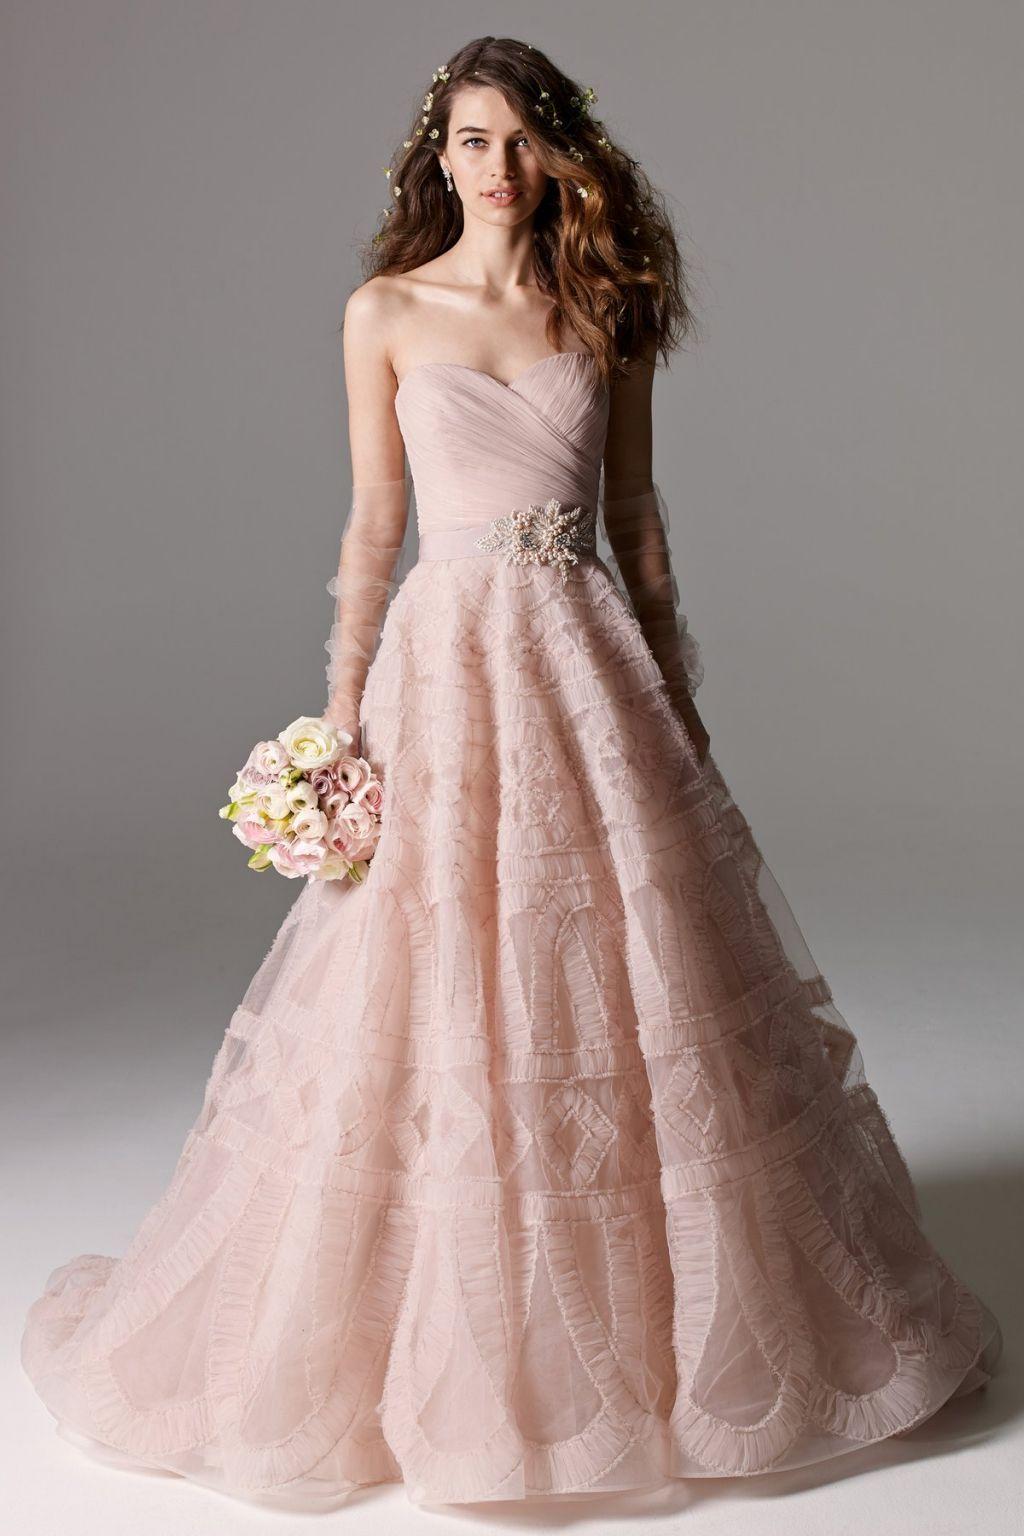 Watters Edlin Dress In Oatmeal Blush Wedding 2019